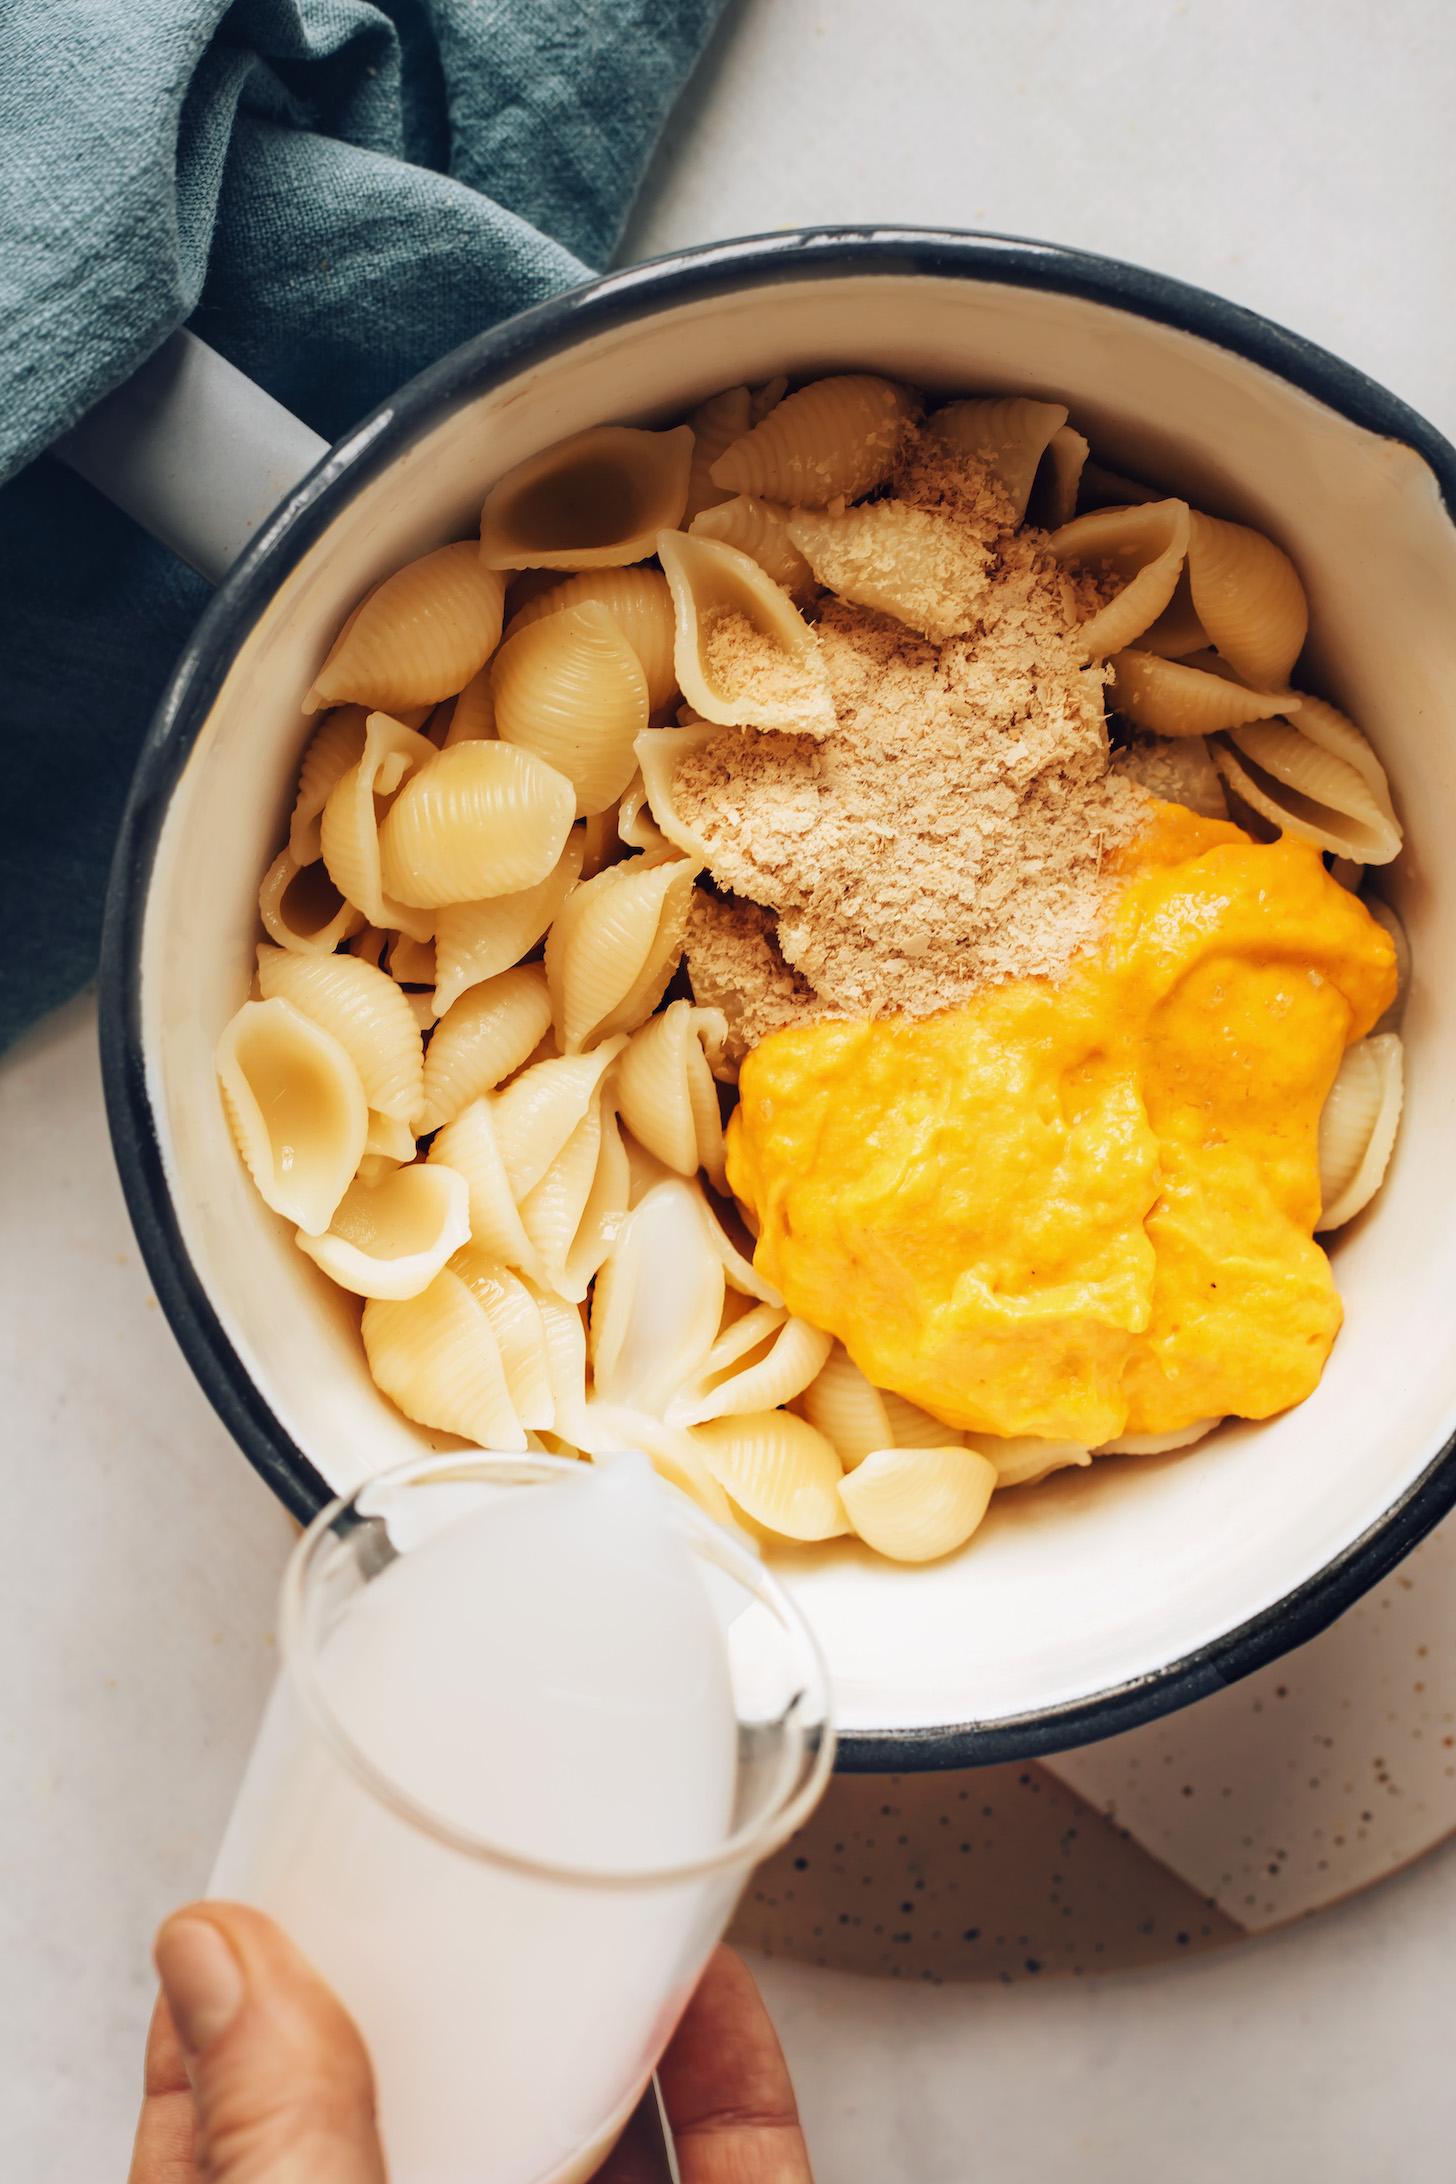 Verser le lait d'amande dans une casserole de pâtes sans gluten, de levure nutritionnelle et de fromage cheddar végétalien